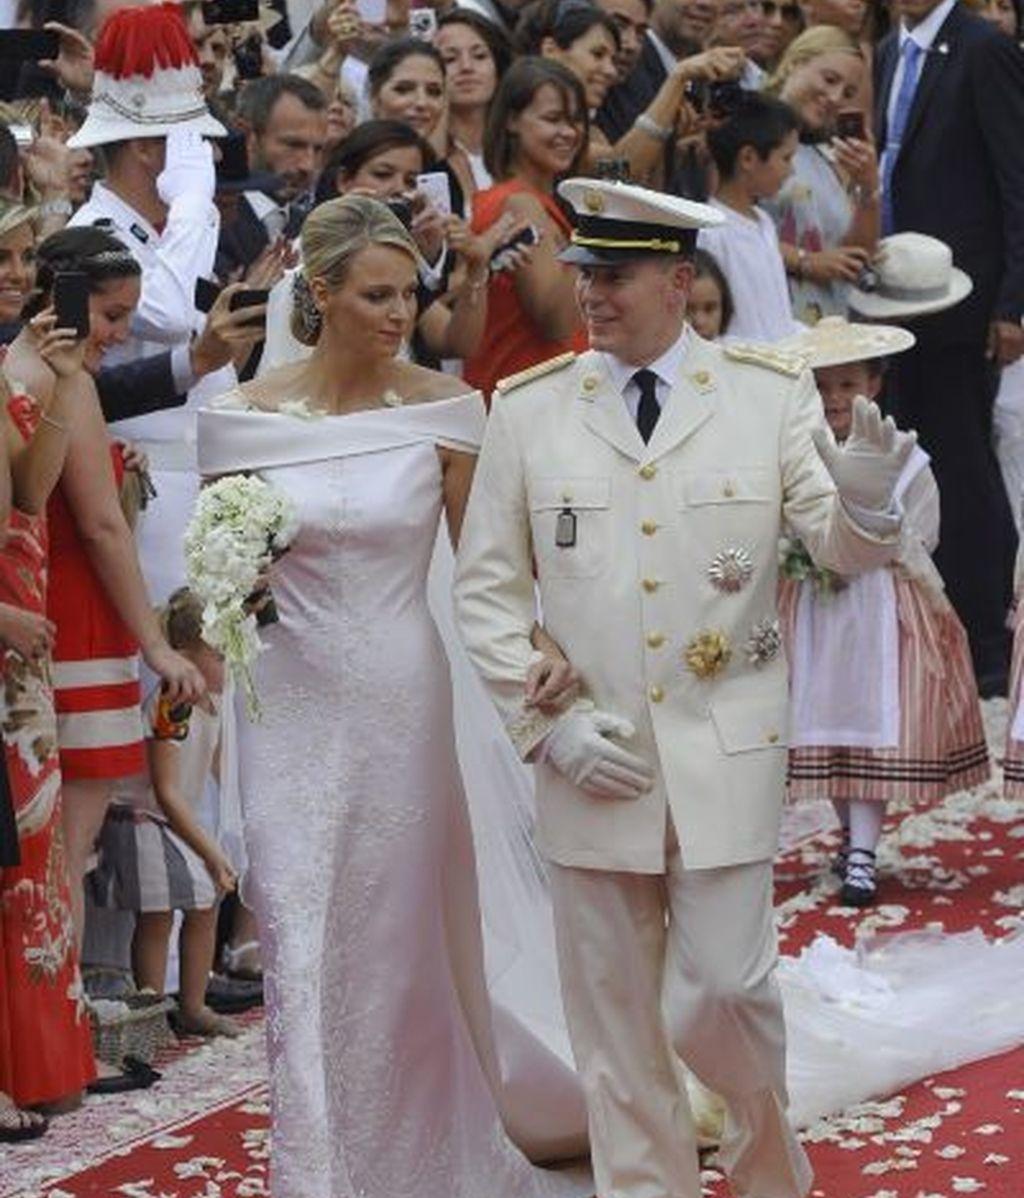 Los recién casados salen del palacio Grimaldi